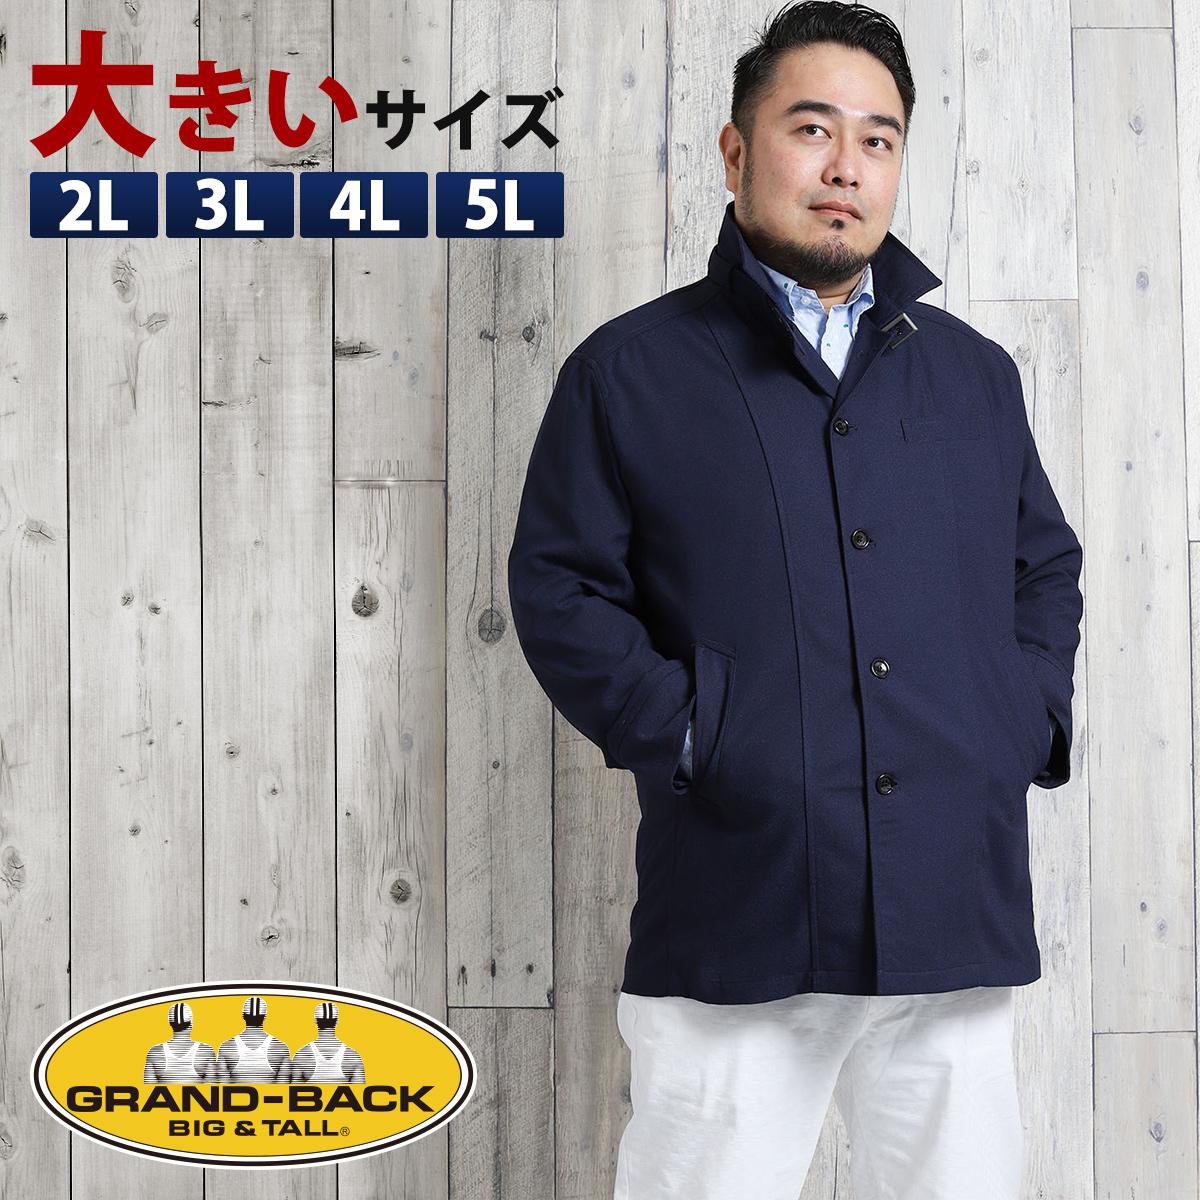 【大きいサイズ・メンズ】レノマオム/renoma HOMME カラミ織メランジ スタンドカラーブルゾン グランバック 大きいサイズ